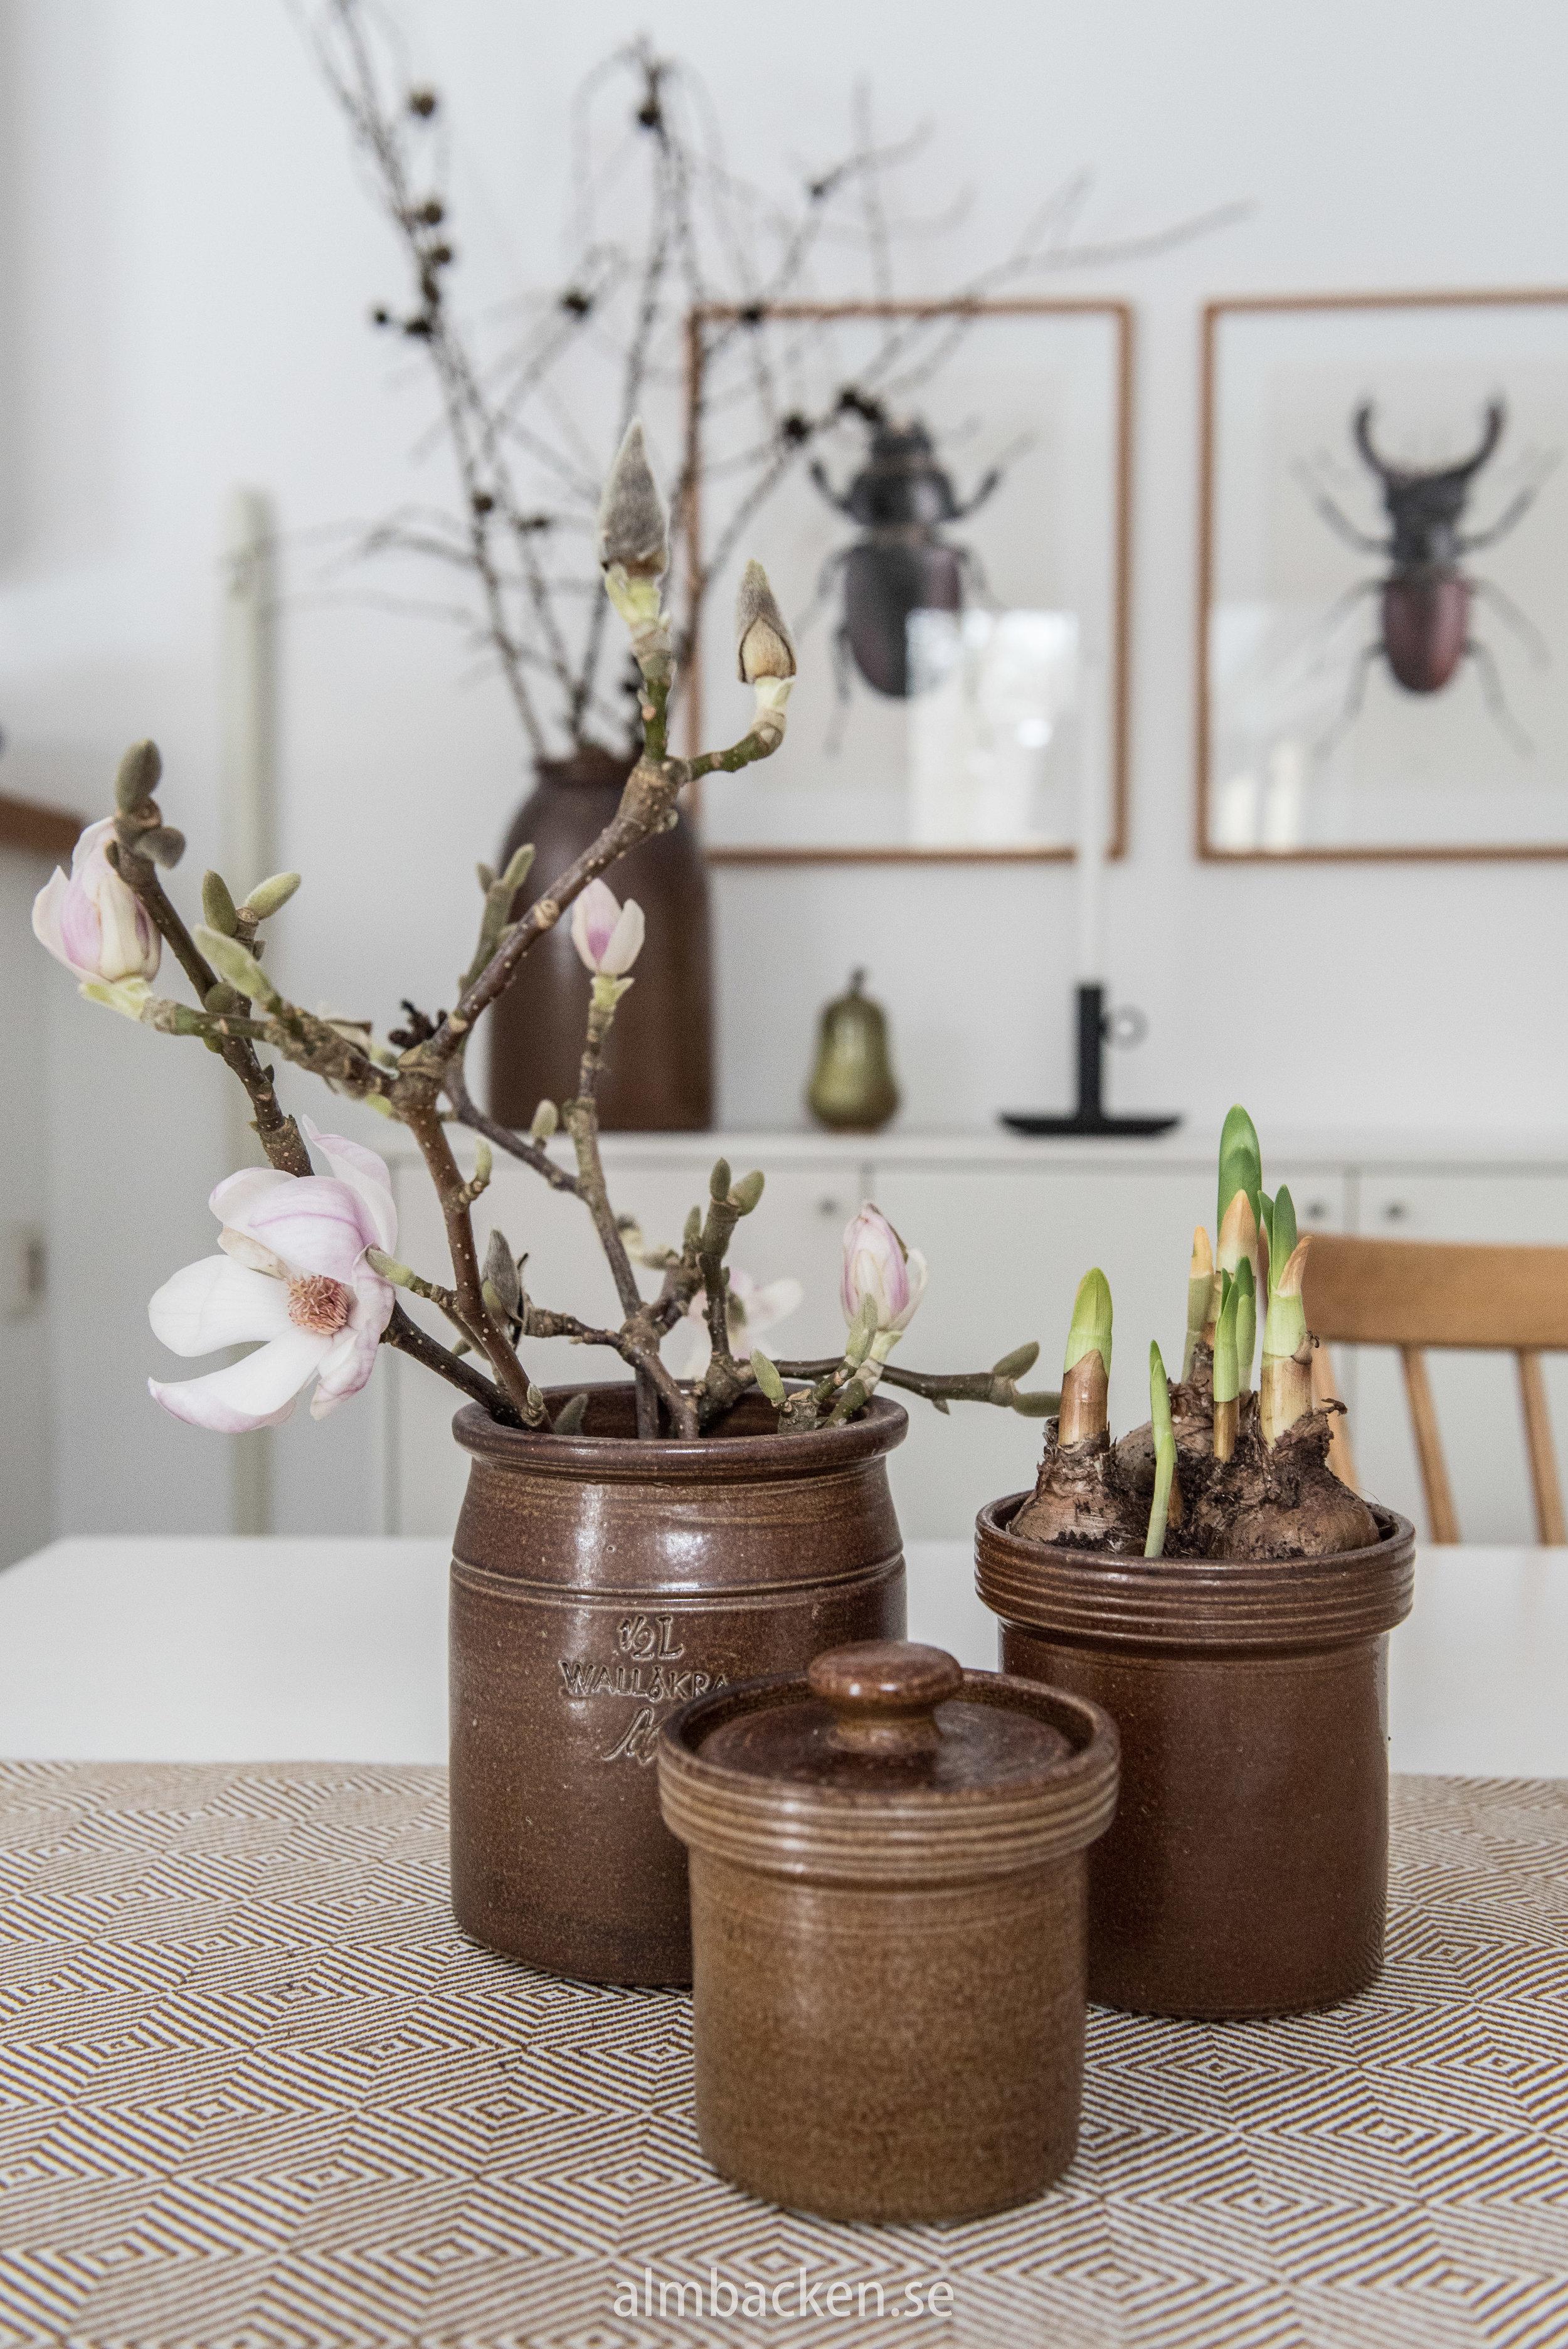 Magnolia-wallåkra.jpg